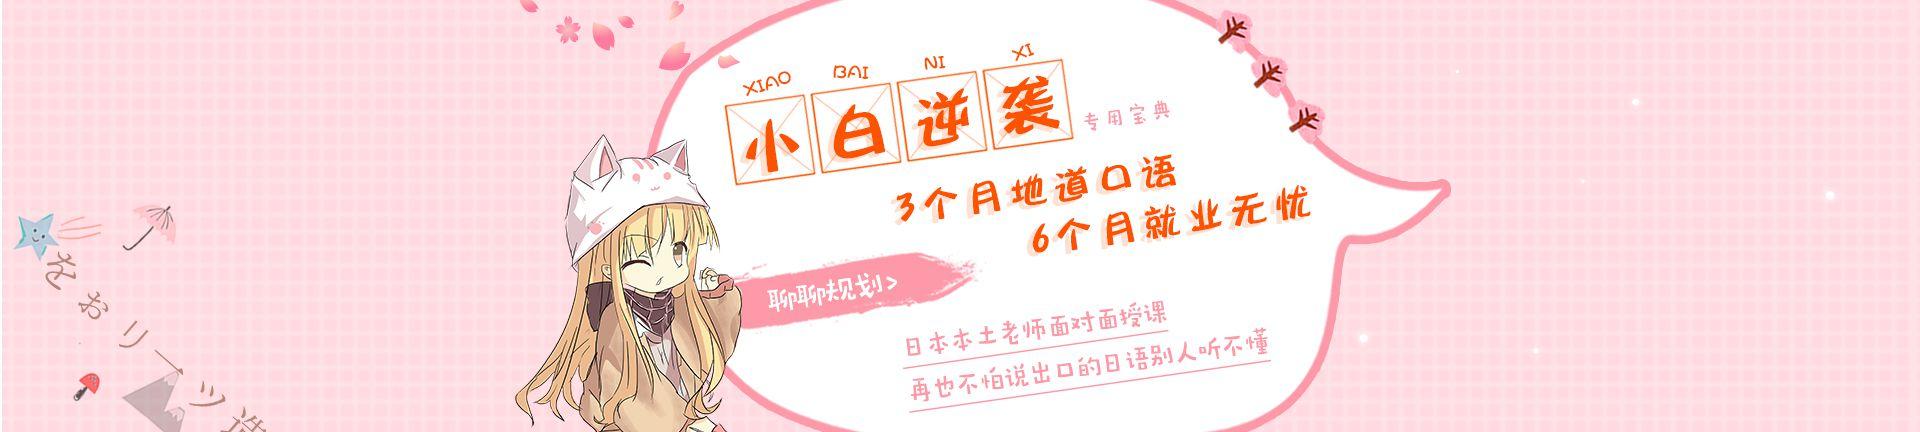 零基础学习日语n1n2速成